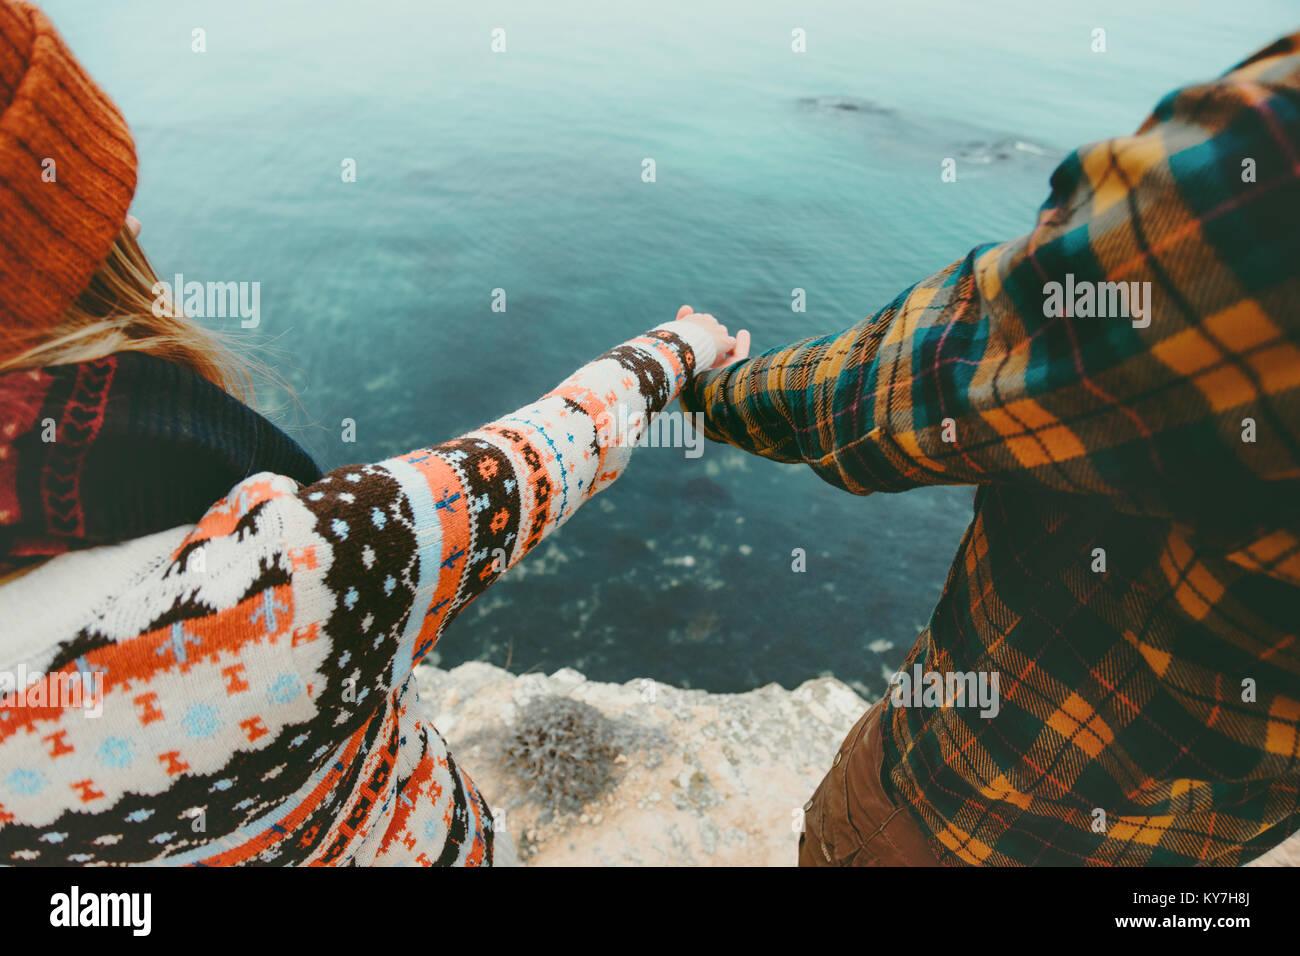 Paar in Liebe Hände halten Mann und Frau Reisen Lifestyle Konzept. Junge Familie reisen romantische Ferien Stockbild